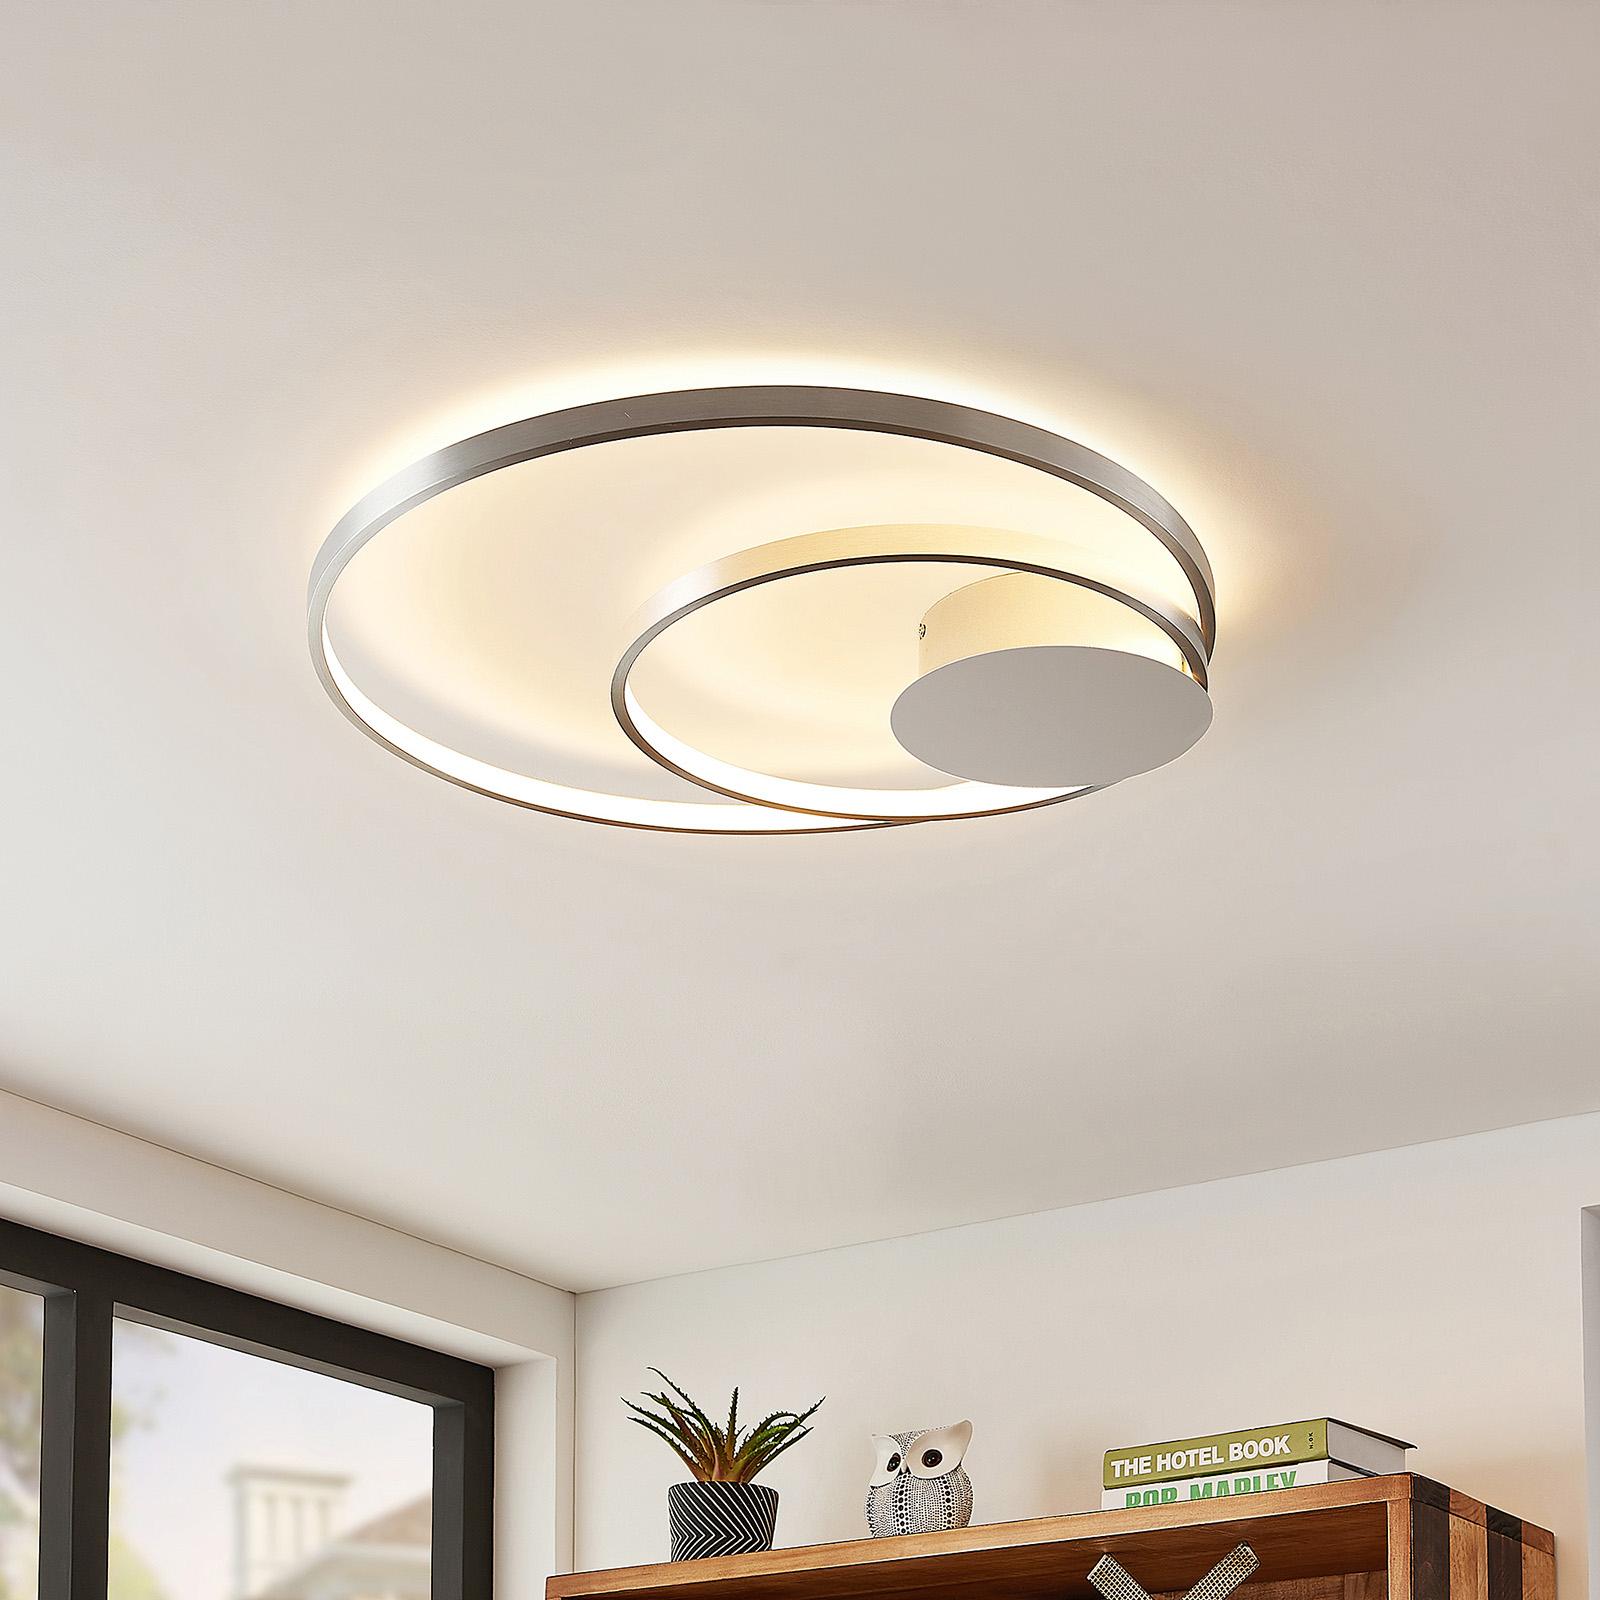 Lindby Nerwin LED stropní svítidlo, hliník/chrom